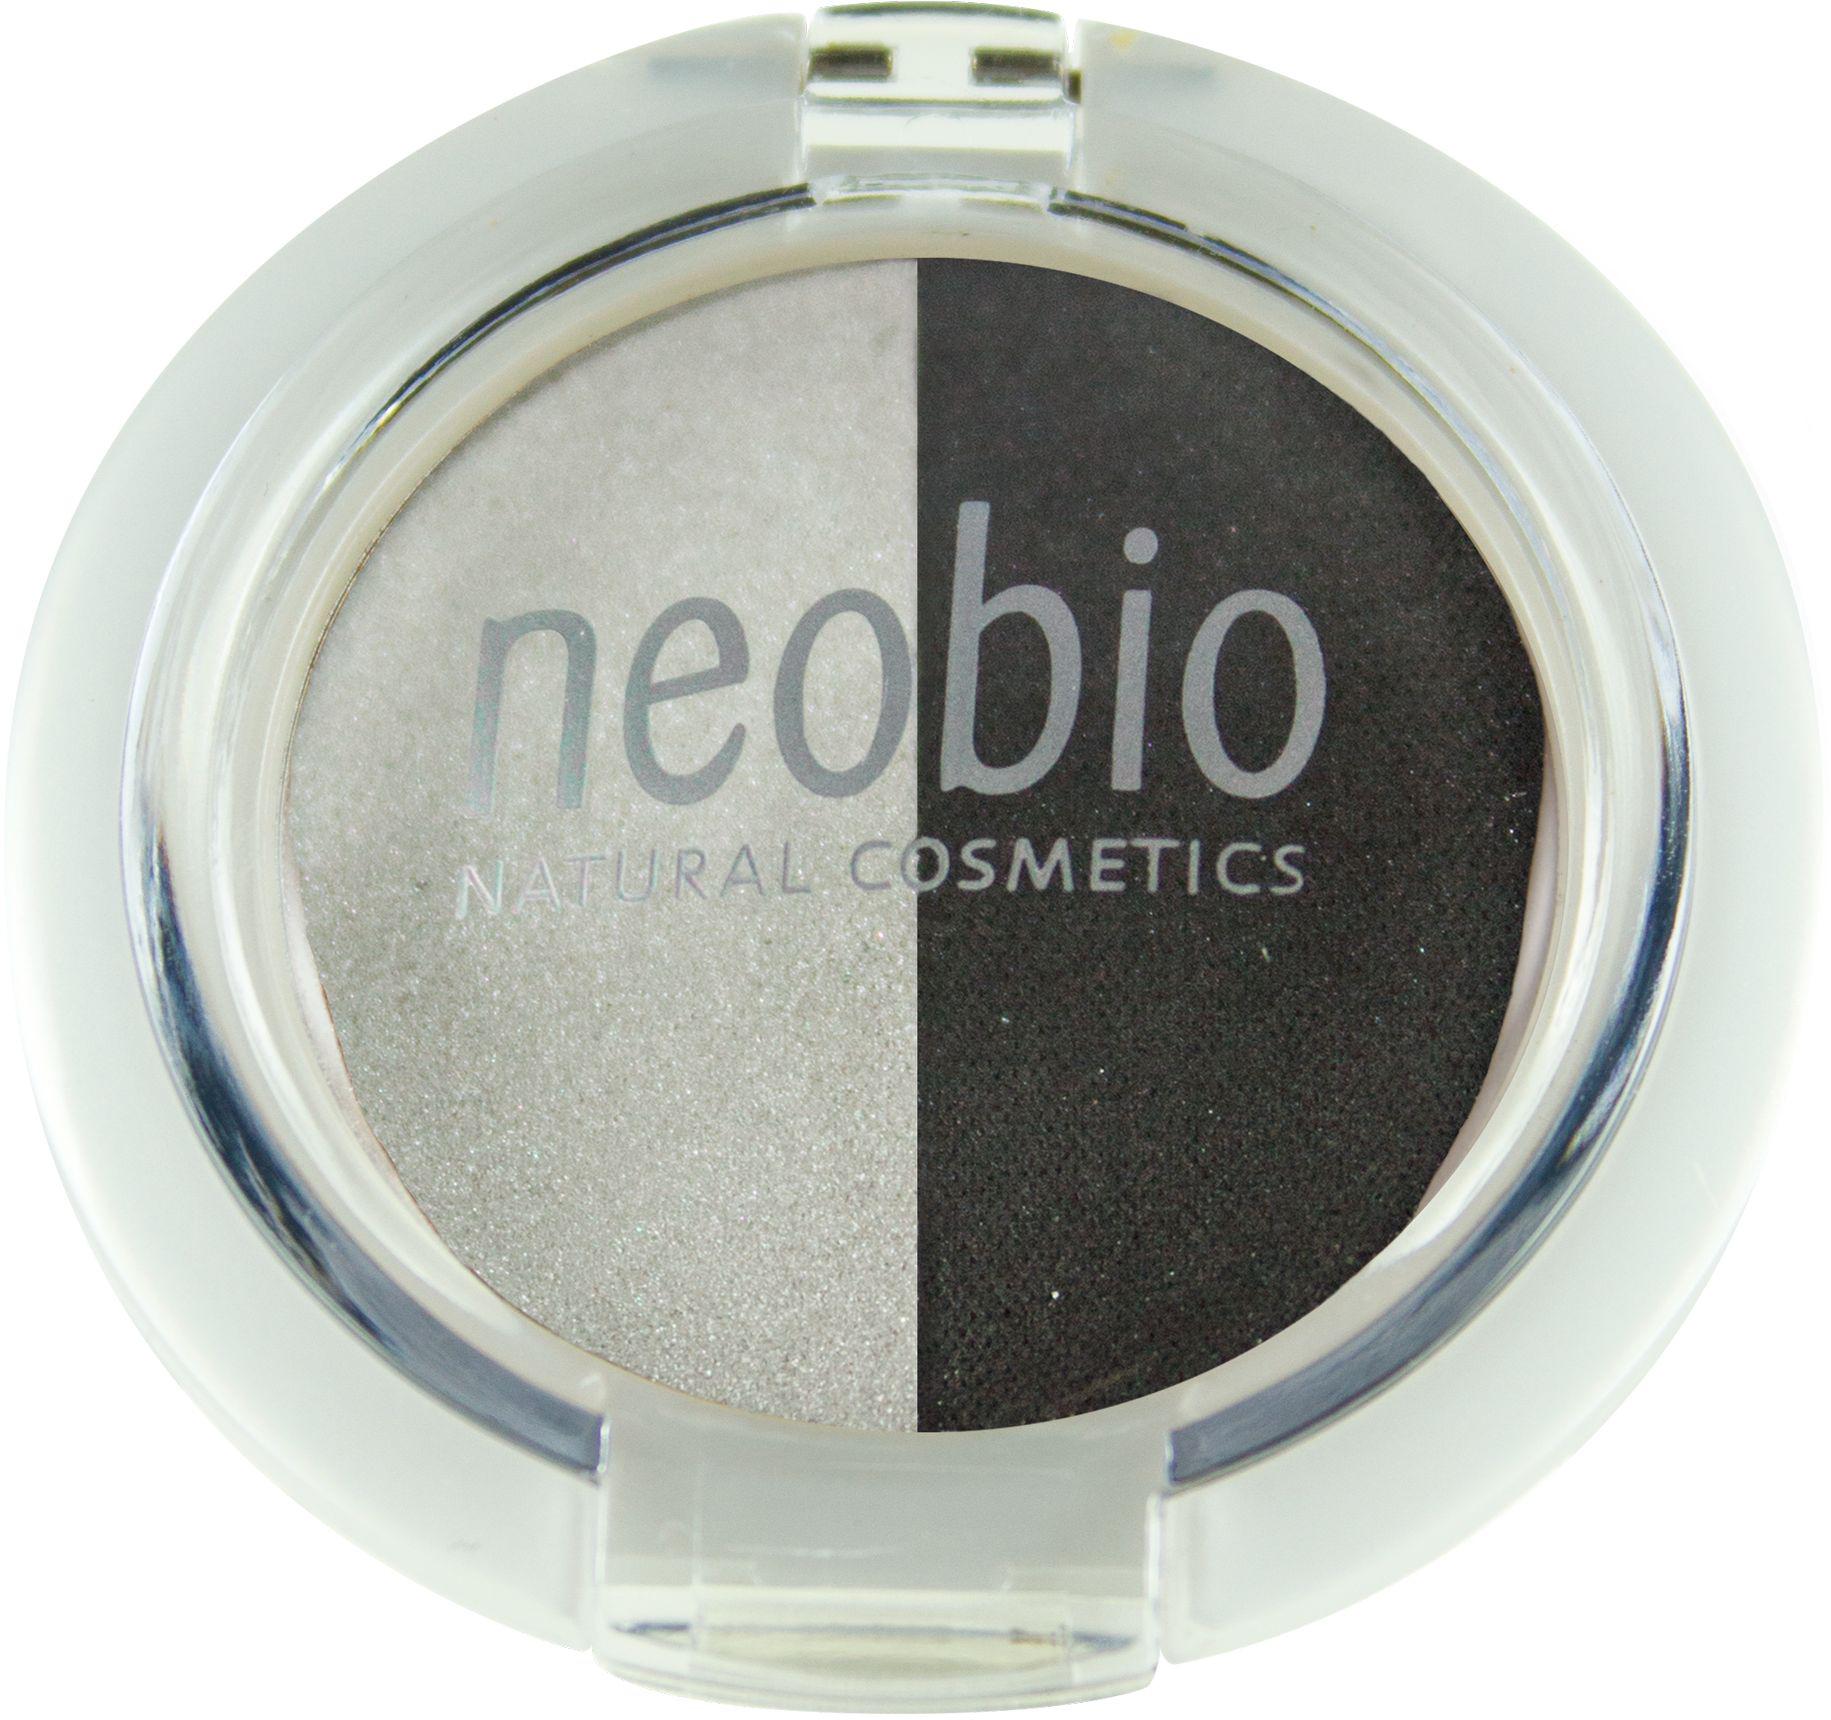 Neobio Двойные тени для век, тон № 03 (туманная ночь), 2,5 г1092018Тени для век Neobio имеют мягкую матовую текстуру, легко наносятся, не скатываются и не осыпаются, держатся в течение дня. В результате нанесения получается элегантный макияж глаз и в тоже время надежный уход и защита за Вашей кожей. Тени Neobio подходят для чувствительных глаз, а также при ношении контактных линз. Тени содержат безвредные деликатные красящие пигменты, одобренные международной сертификацией NATRUE. Входящие в состав органическое масло макадамии, органическое масло клещевины и витамин Е благотворно влияют на кожу век, увлажняют ее и смягчают. Слюда оказывает противовоспалительный эффект, поглощает излишки жира и матирует.Двойные тени для век туманная ночь идеальный помощник в создании макияжа Smoky eyes.Натуральность продукта подтверждена международным сертификатом NATRUE. Продукт прошел дерматологический контроль.